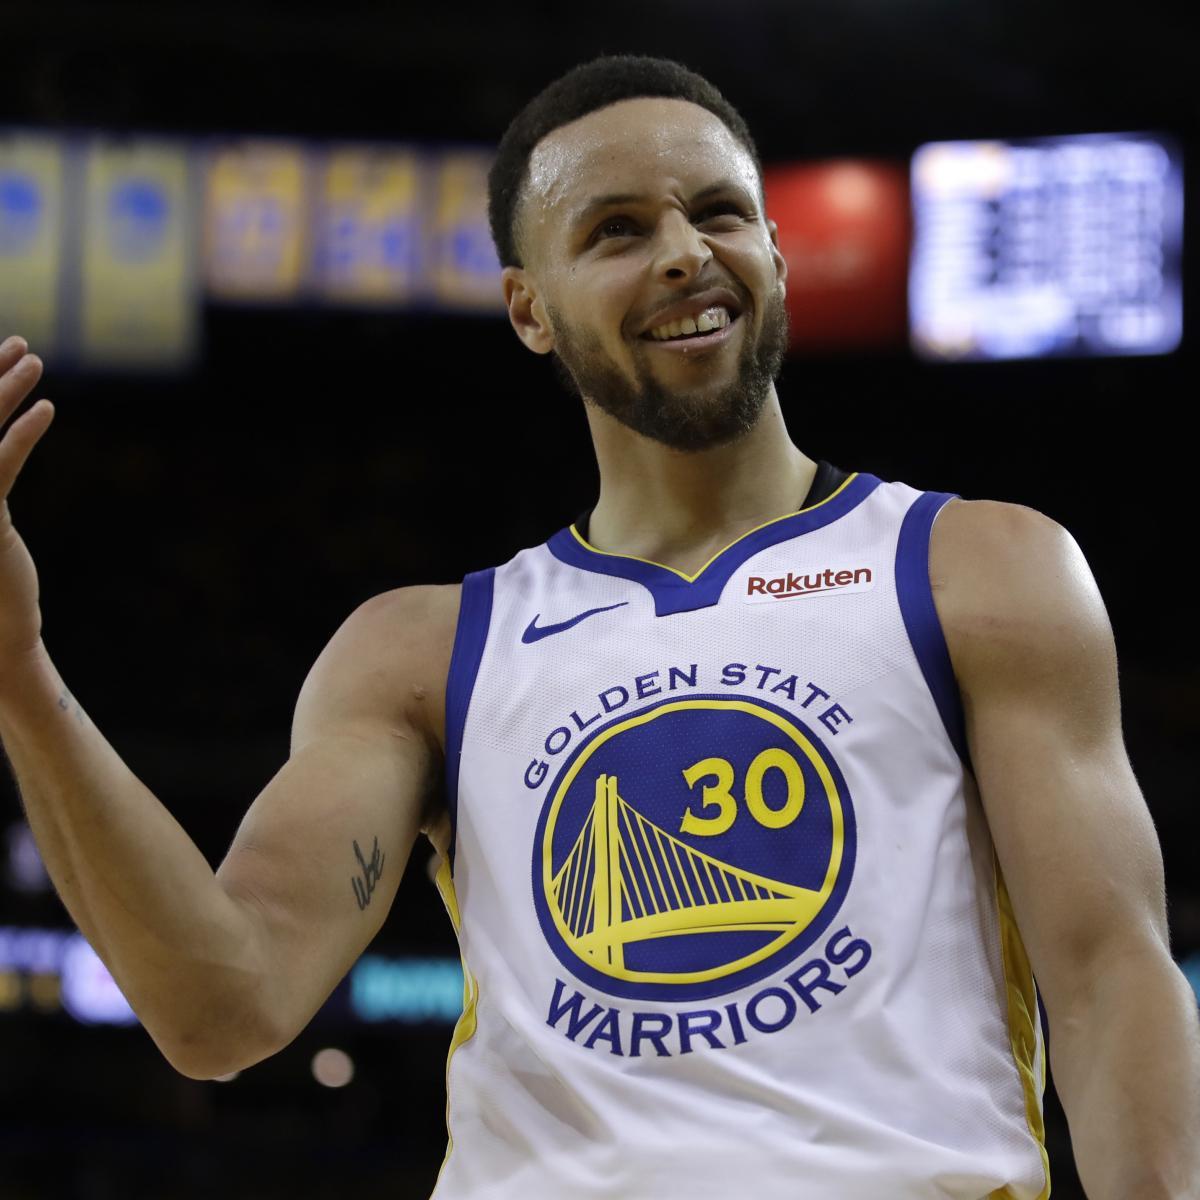 Bleacher Report Nba Staff S 2019 Playoff Predictions: NBA Playoff Bracket 2019: Predictions For Remainder Of